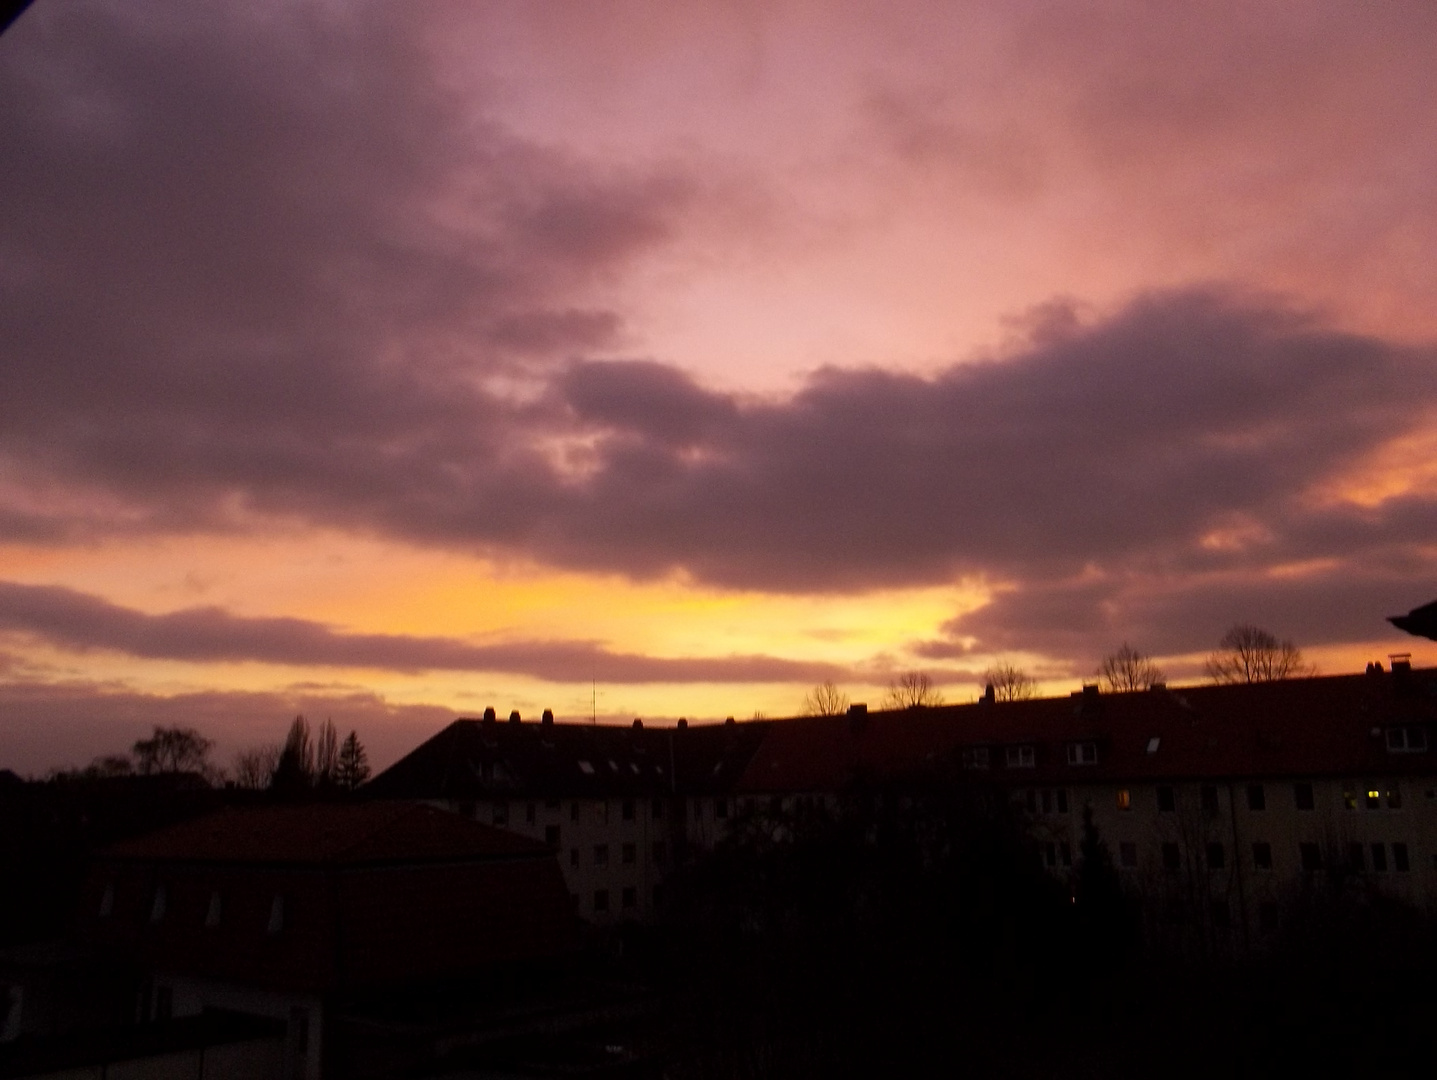 Sonnenuntergang in Badenstedt